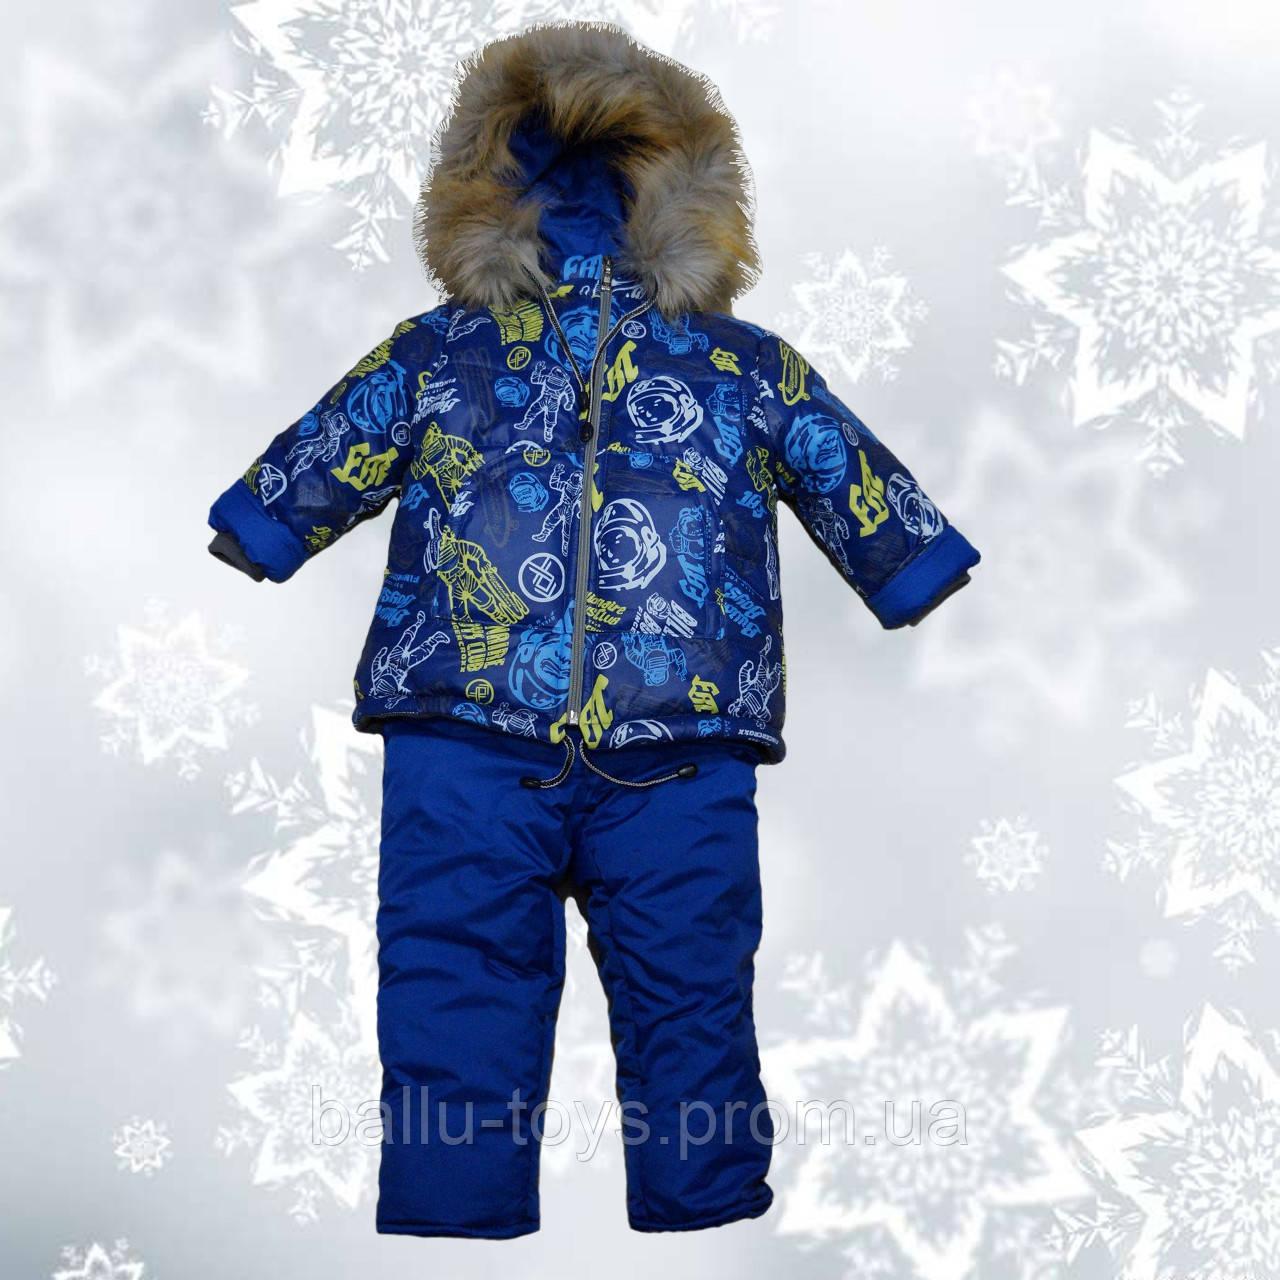 Зимний костюм на мальчика 2-5 года Stelp - Интернет магазин Irinka в Харькове